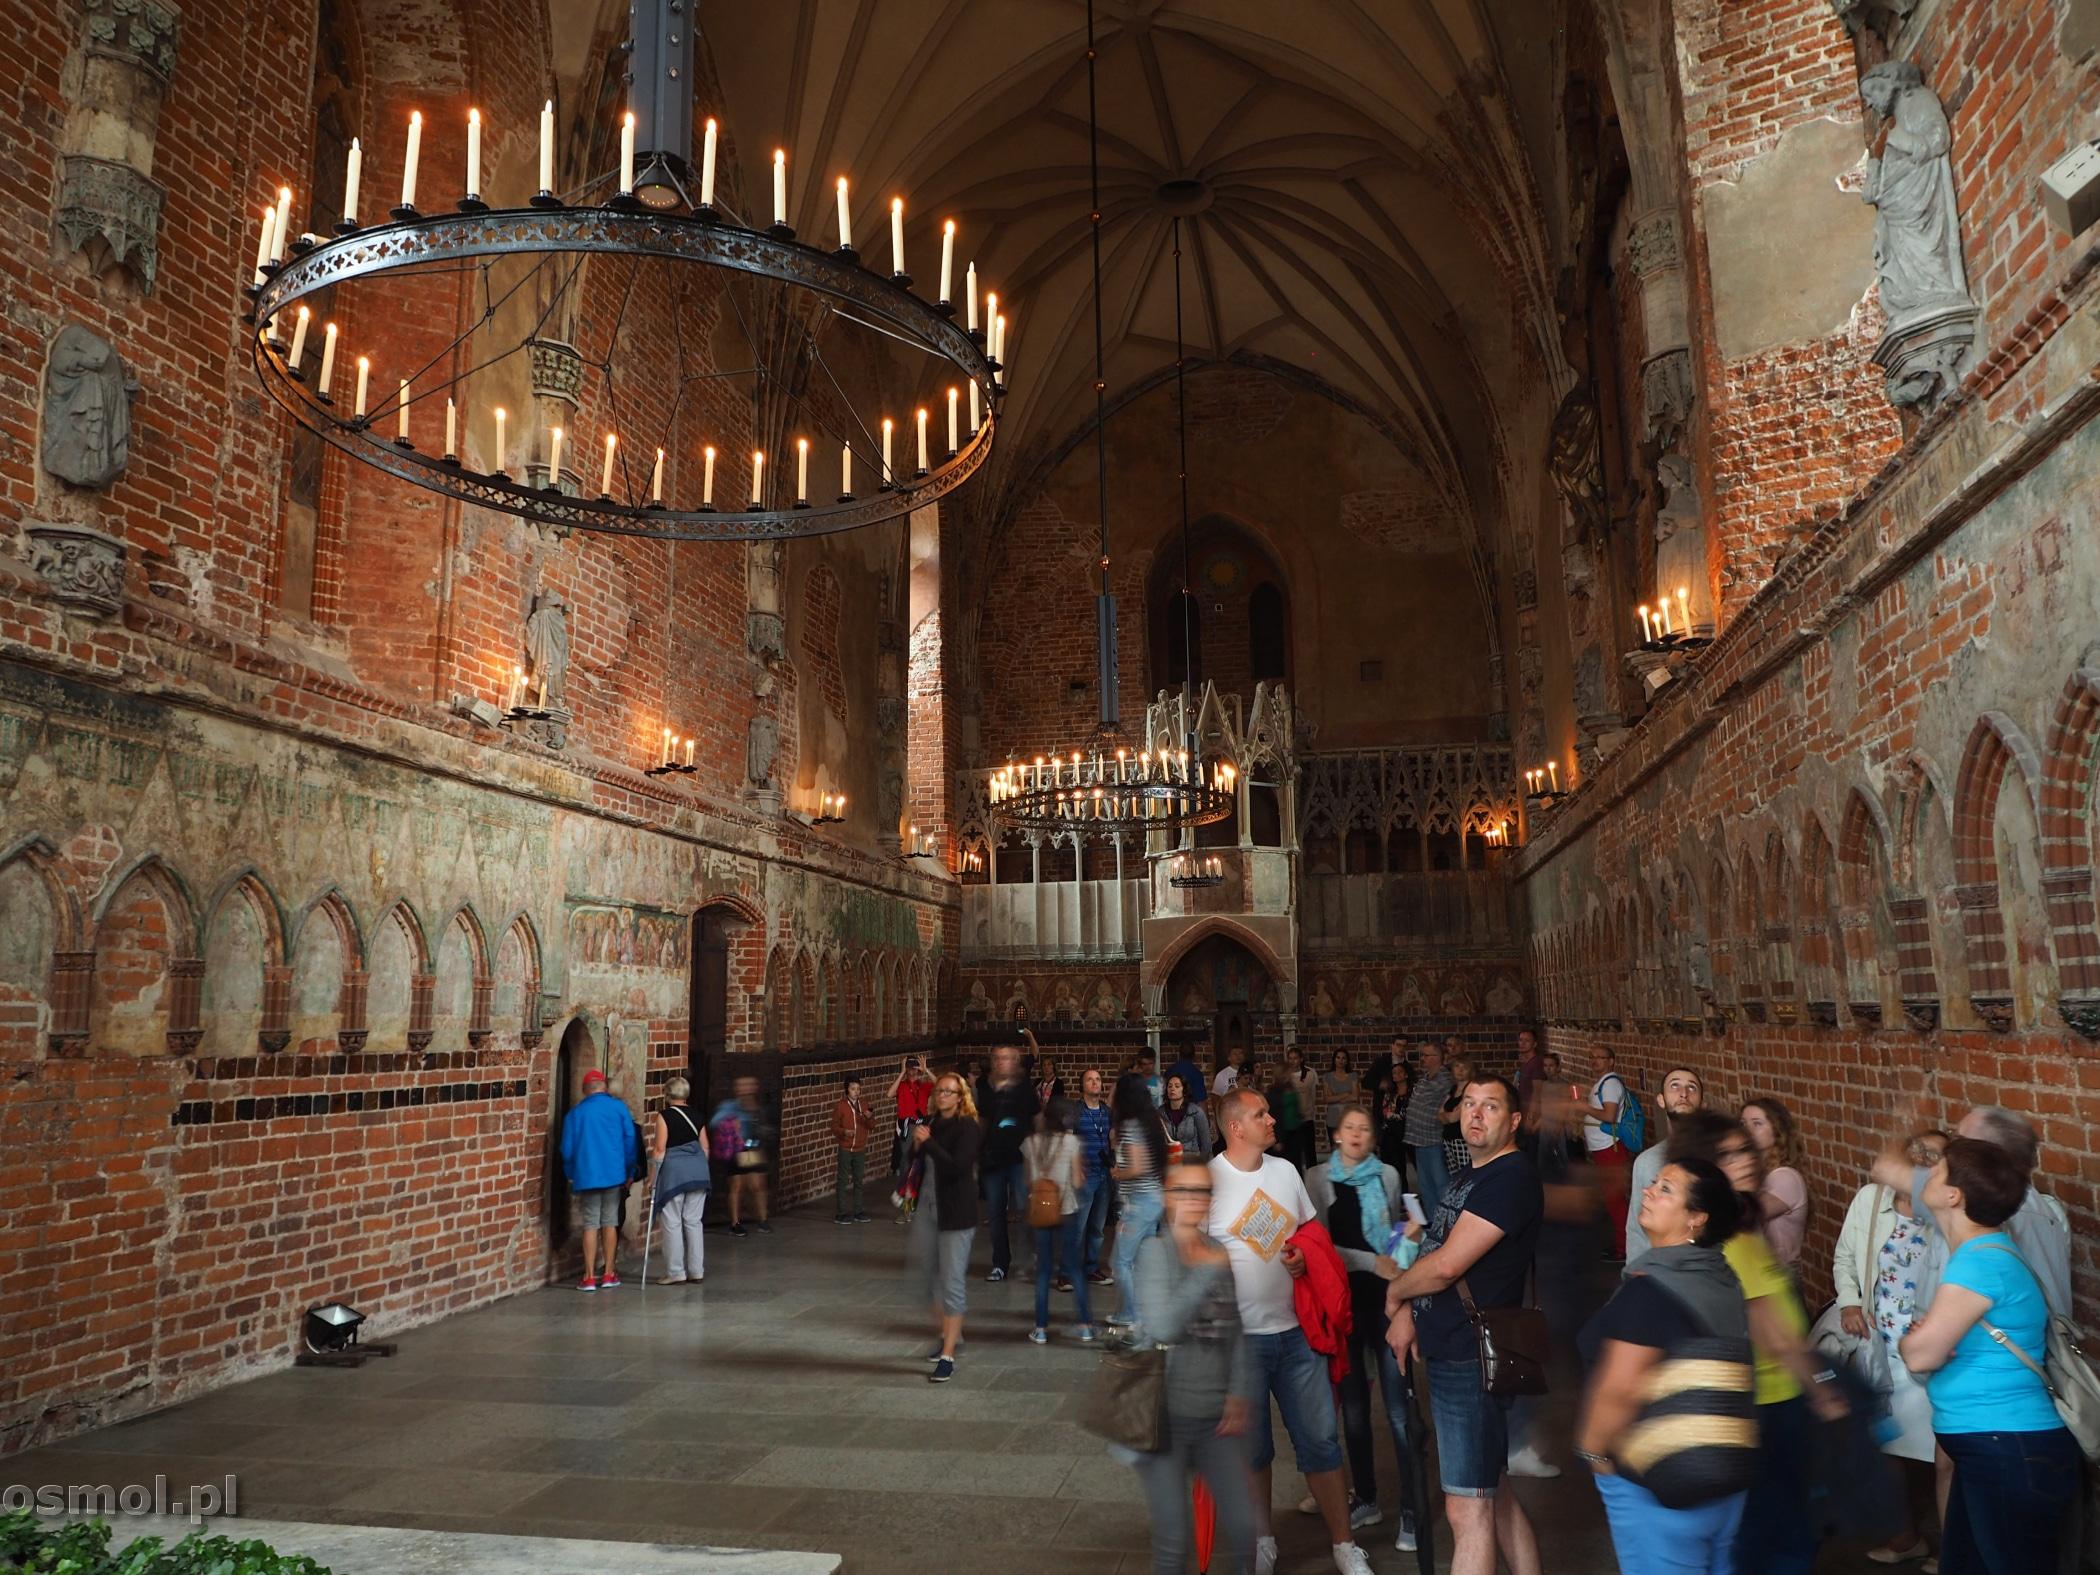 Kościół Najświętszej Marii Panny w Malborku